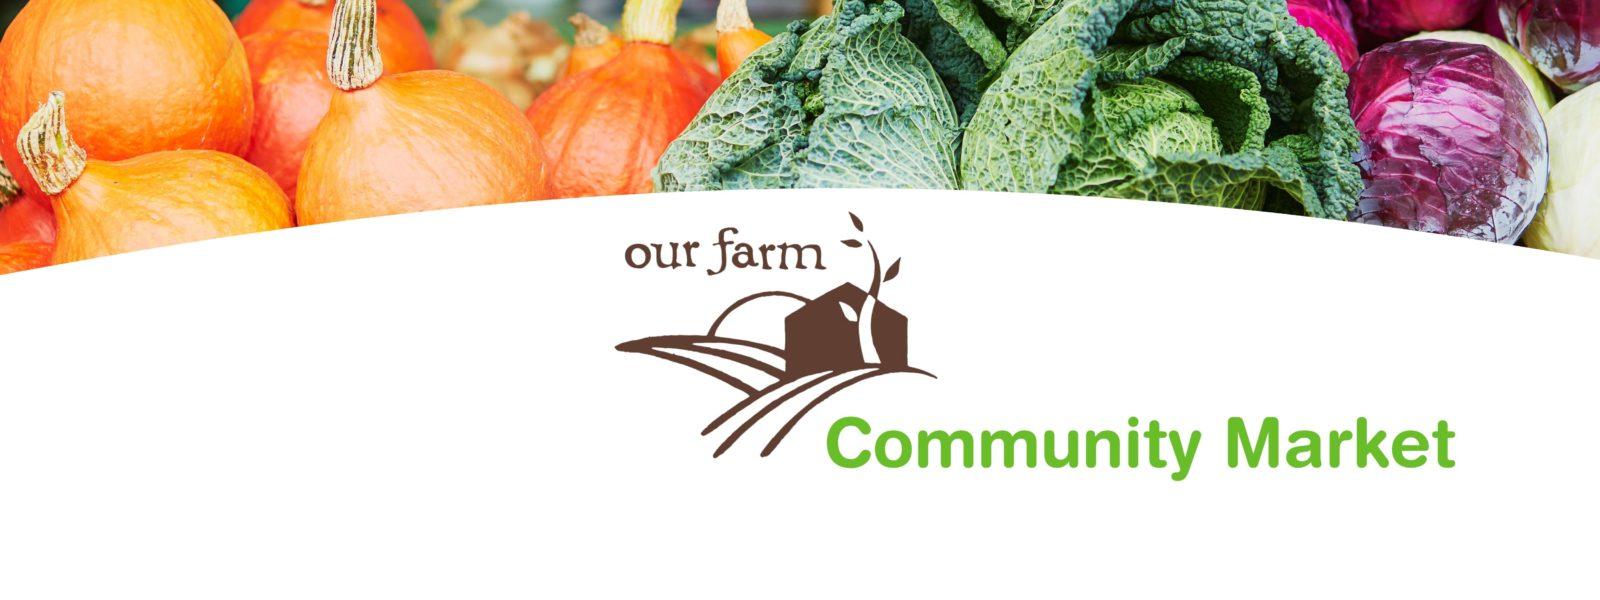 Visit our Community Market